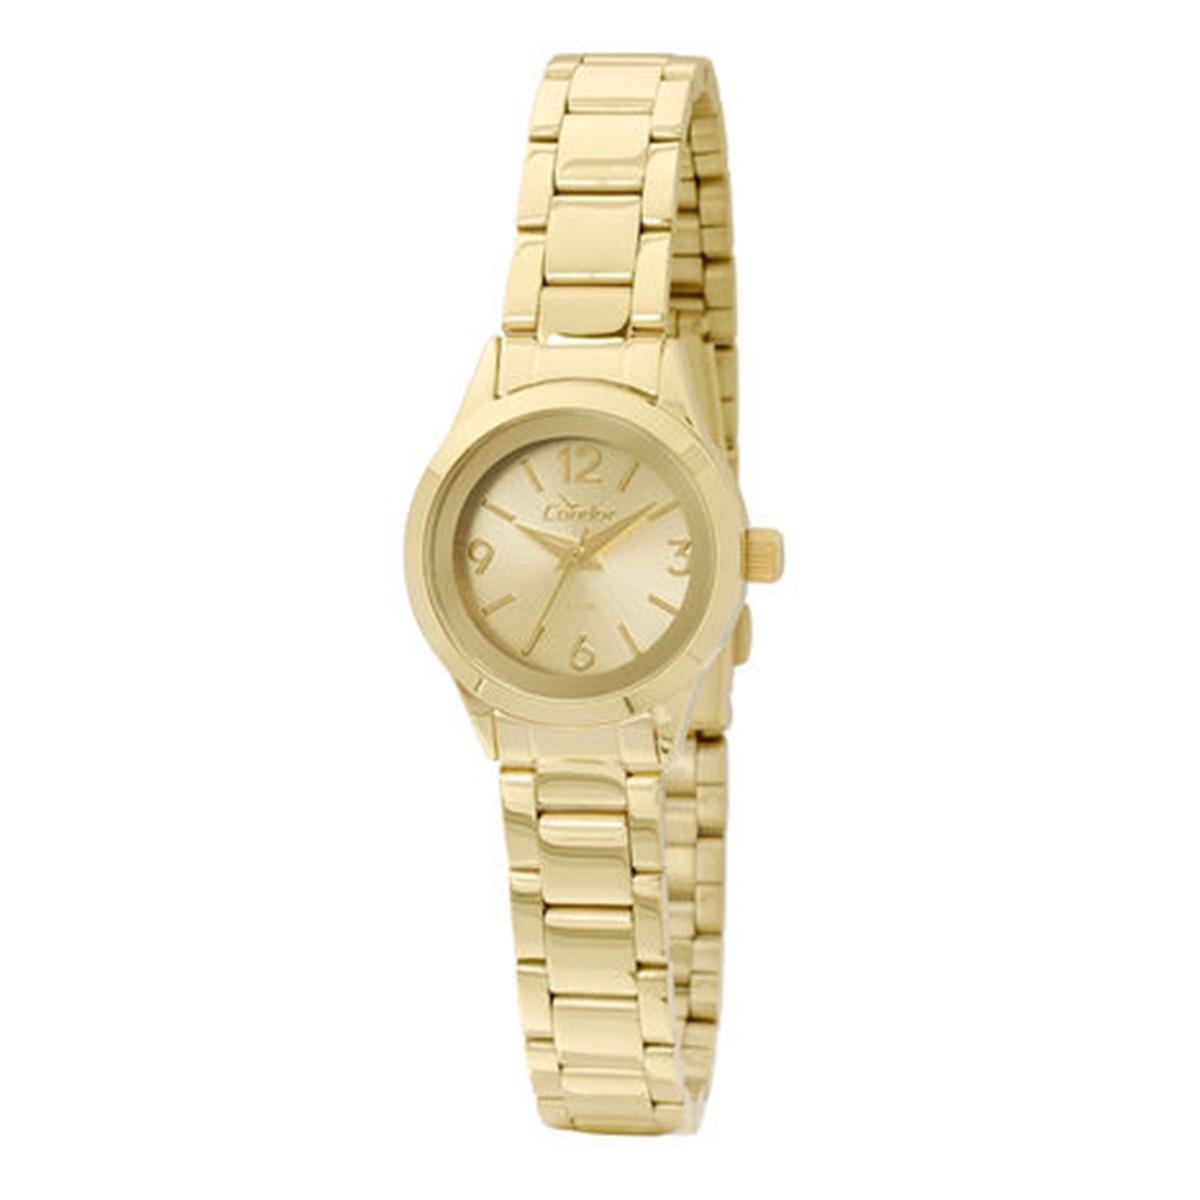 398b6b36f6b relógio condor feminino pequeno social dourado co2035kkt 4x. Carregando zoom .